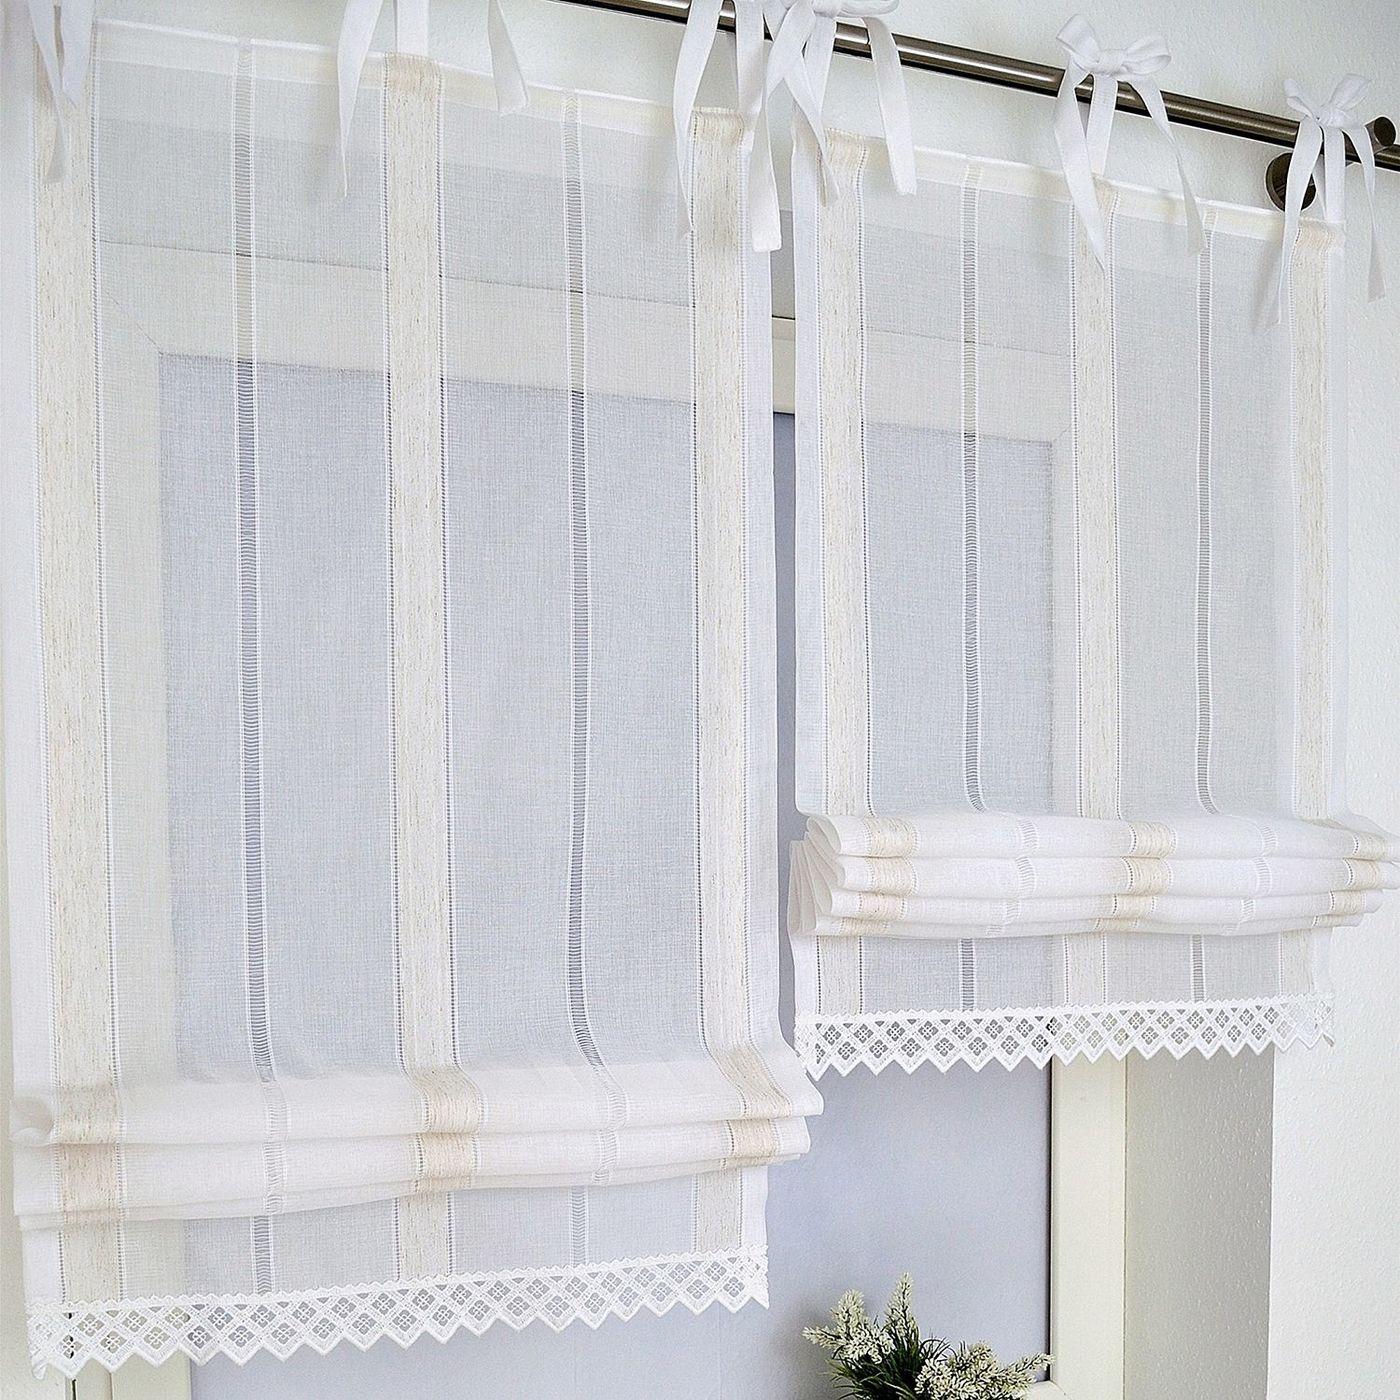 Full Size of Raffrollo Küchenfenster Schnsten Ideen Fr Vorhnge Gardinen Küche Wohnzimmer Raffrollo Küchenfenster